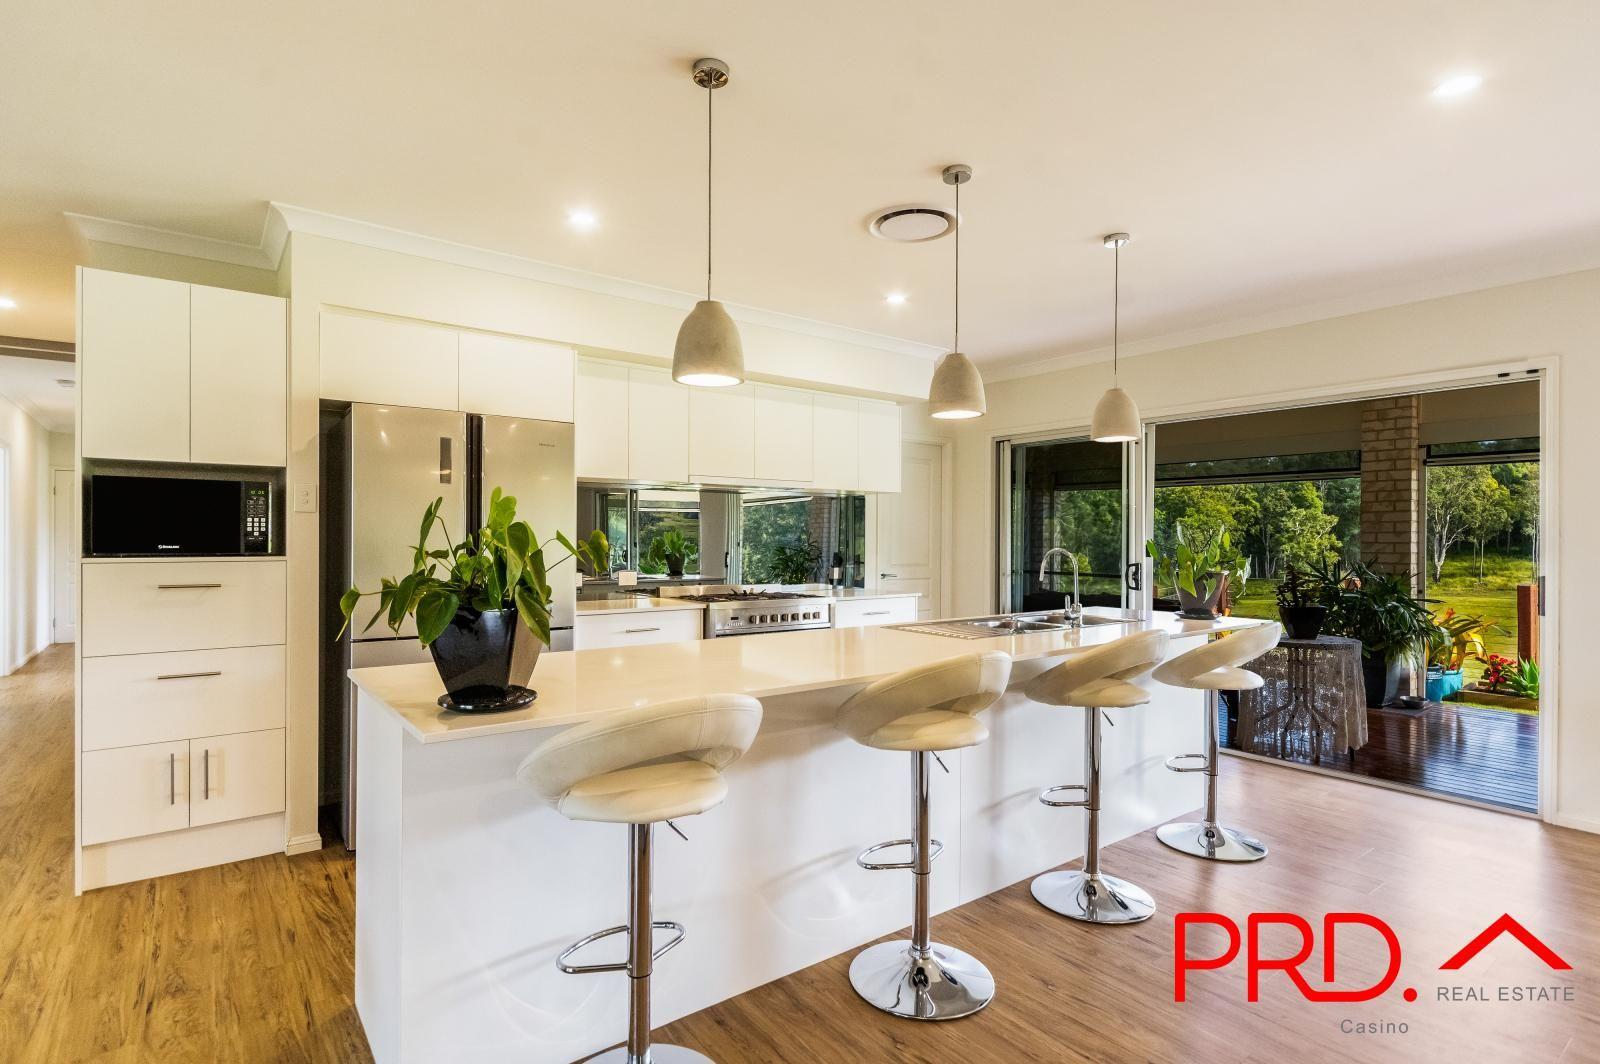 21 Ironbark Place, NAUGHTONS GAP via, North Casino NSW 2470, Image 1